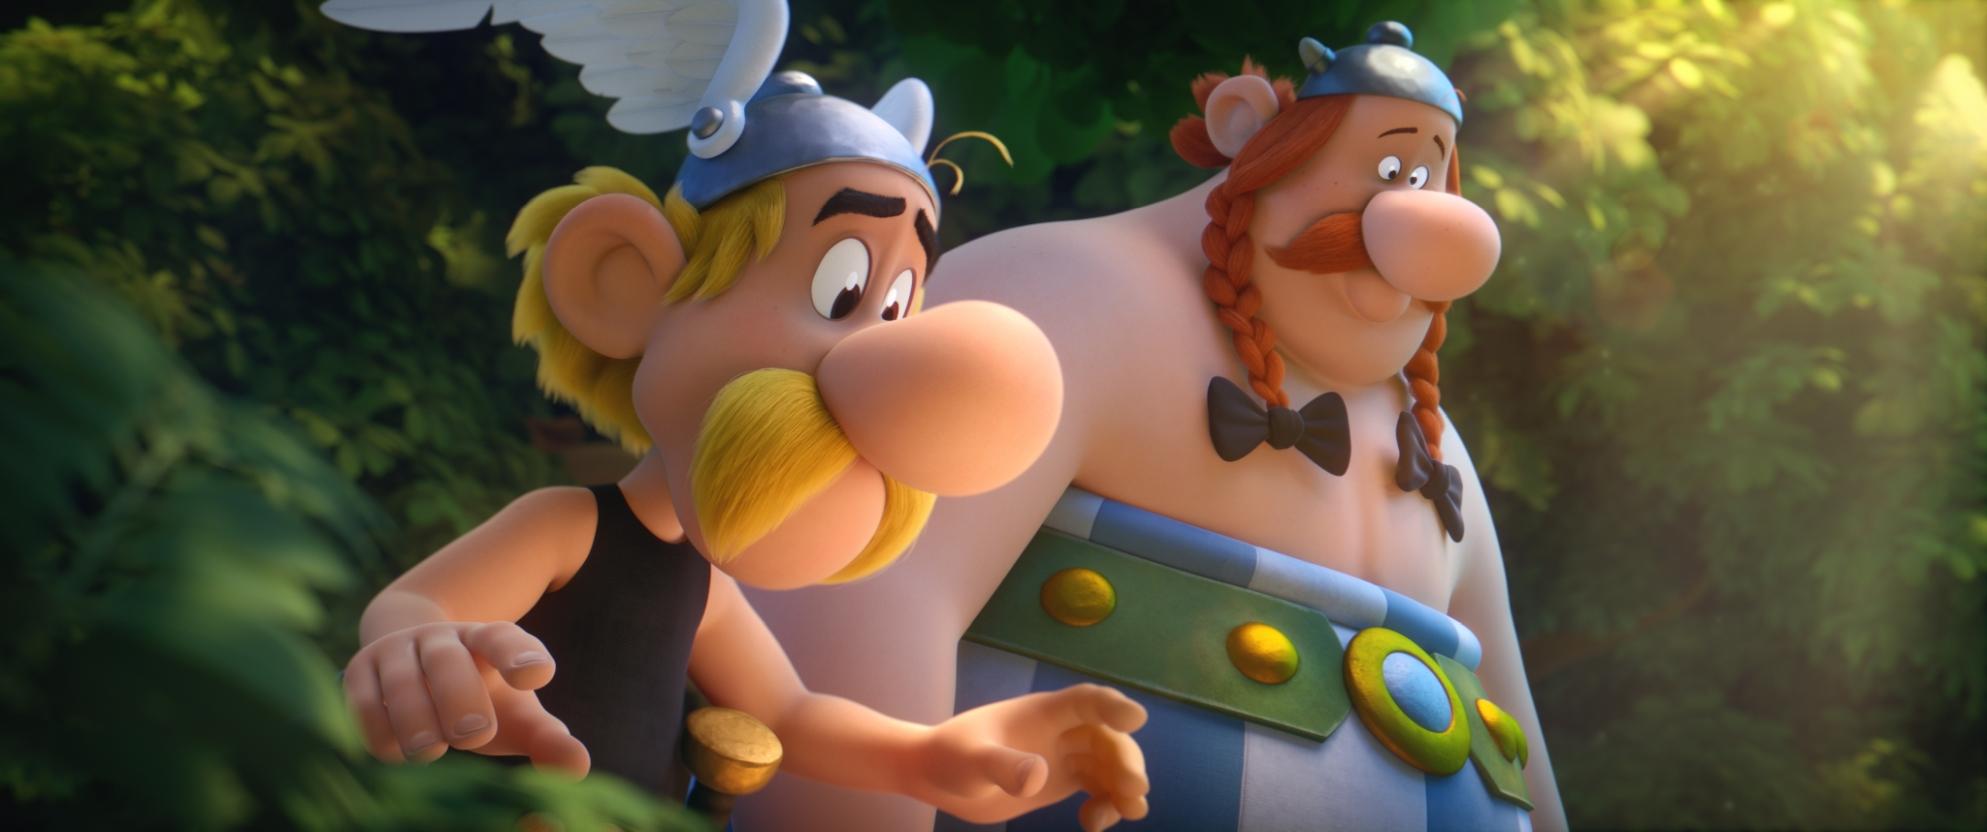 Asterix e il segreto della pozione magica: Asterix e Obelix in una scena